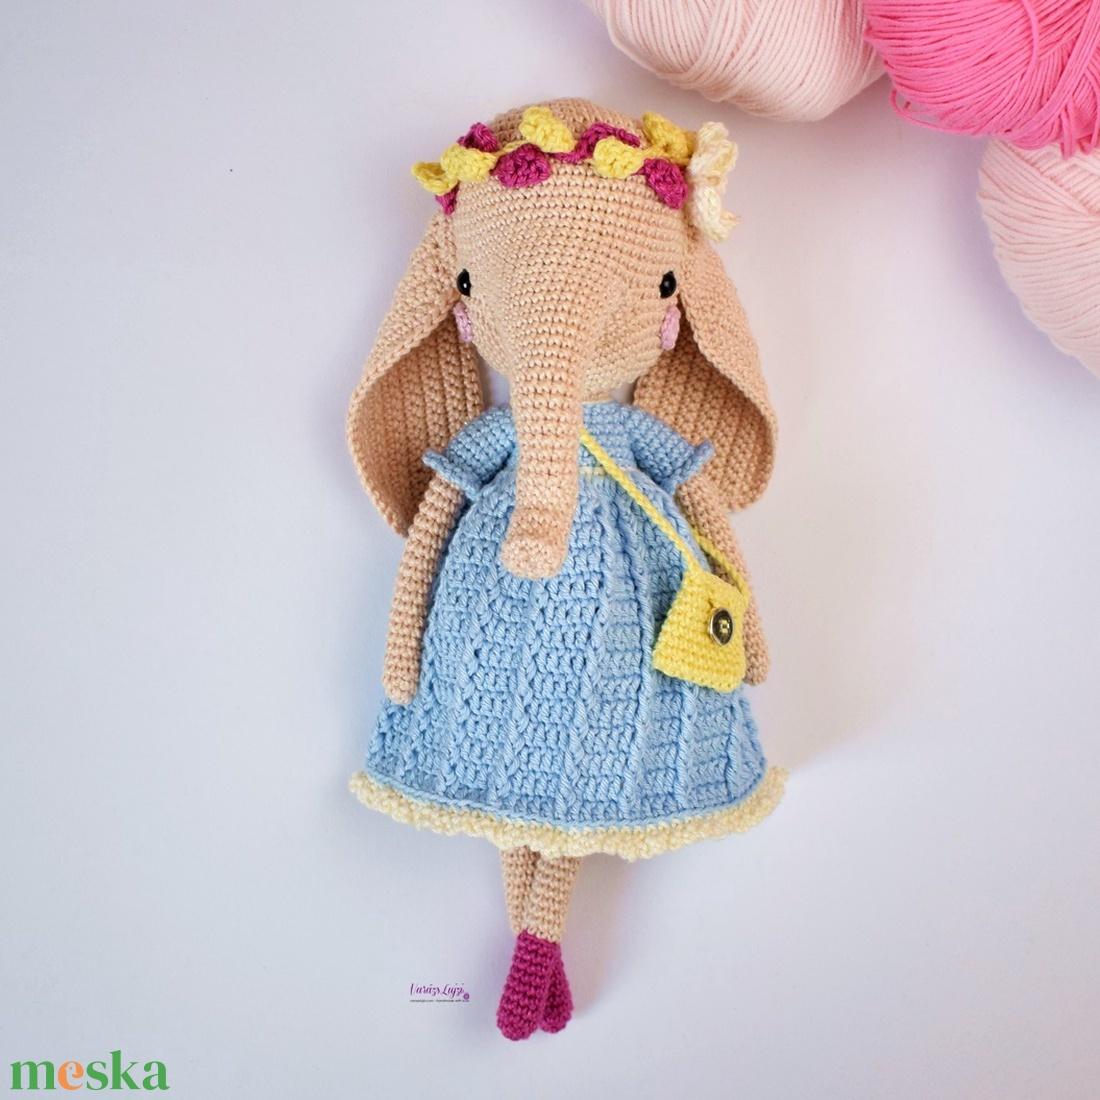 Horgolt elefánt kislány